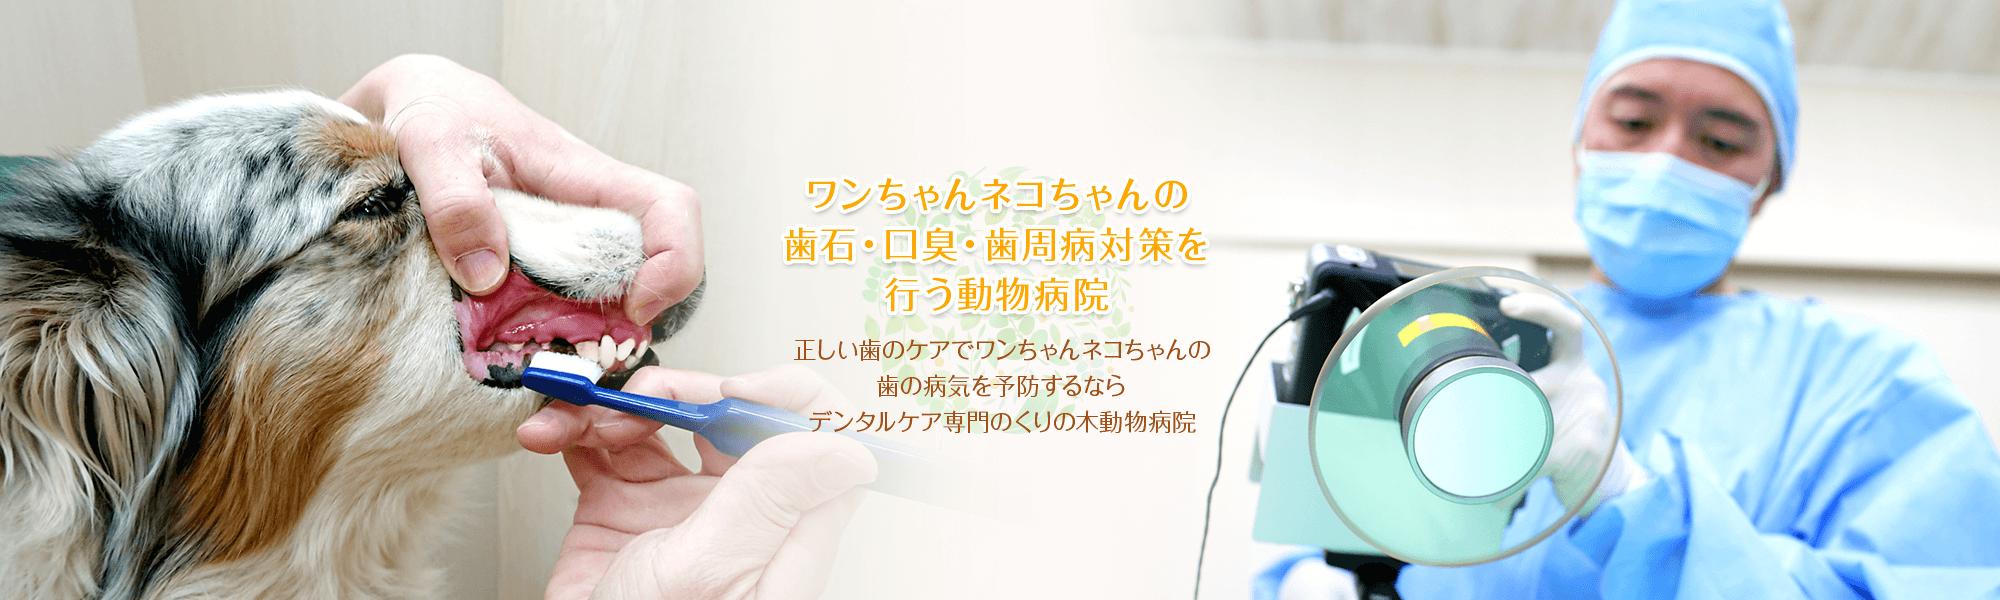 ワンちゃんの歯石・口臭・歯周病対策を行う動物病院